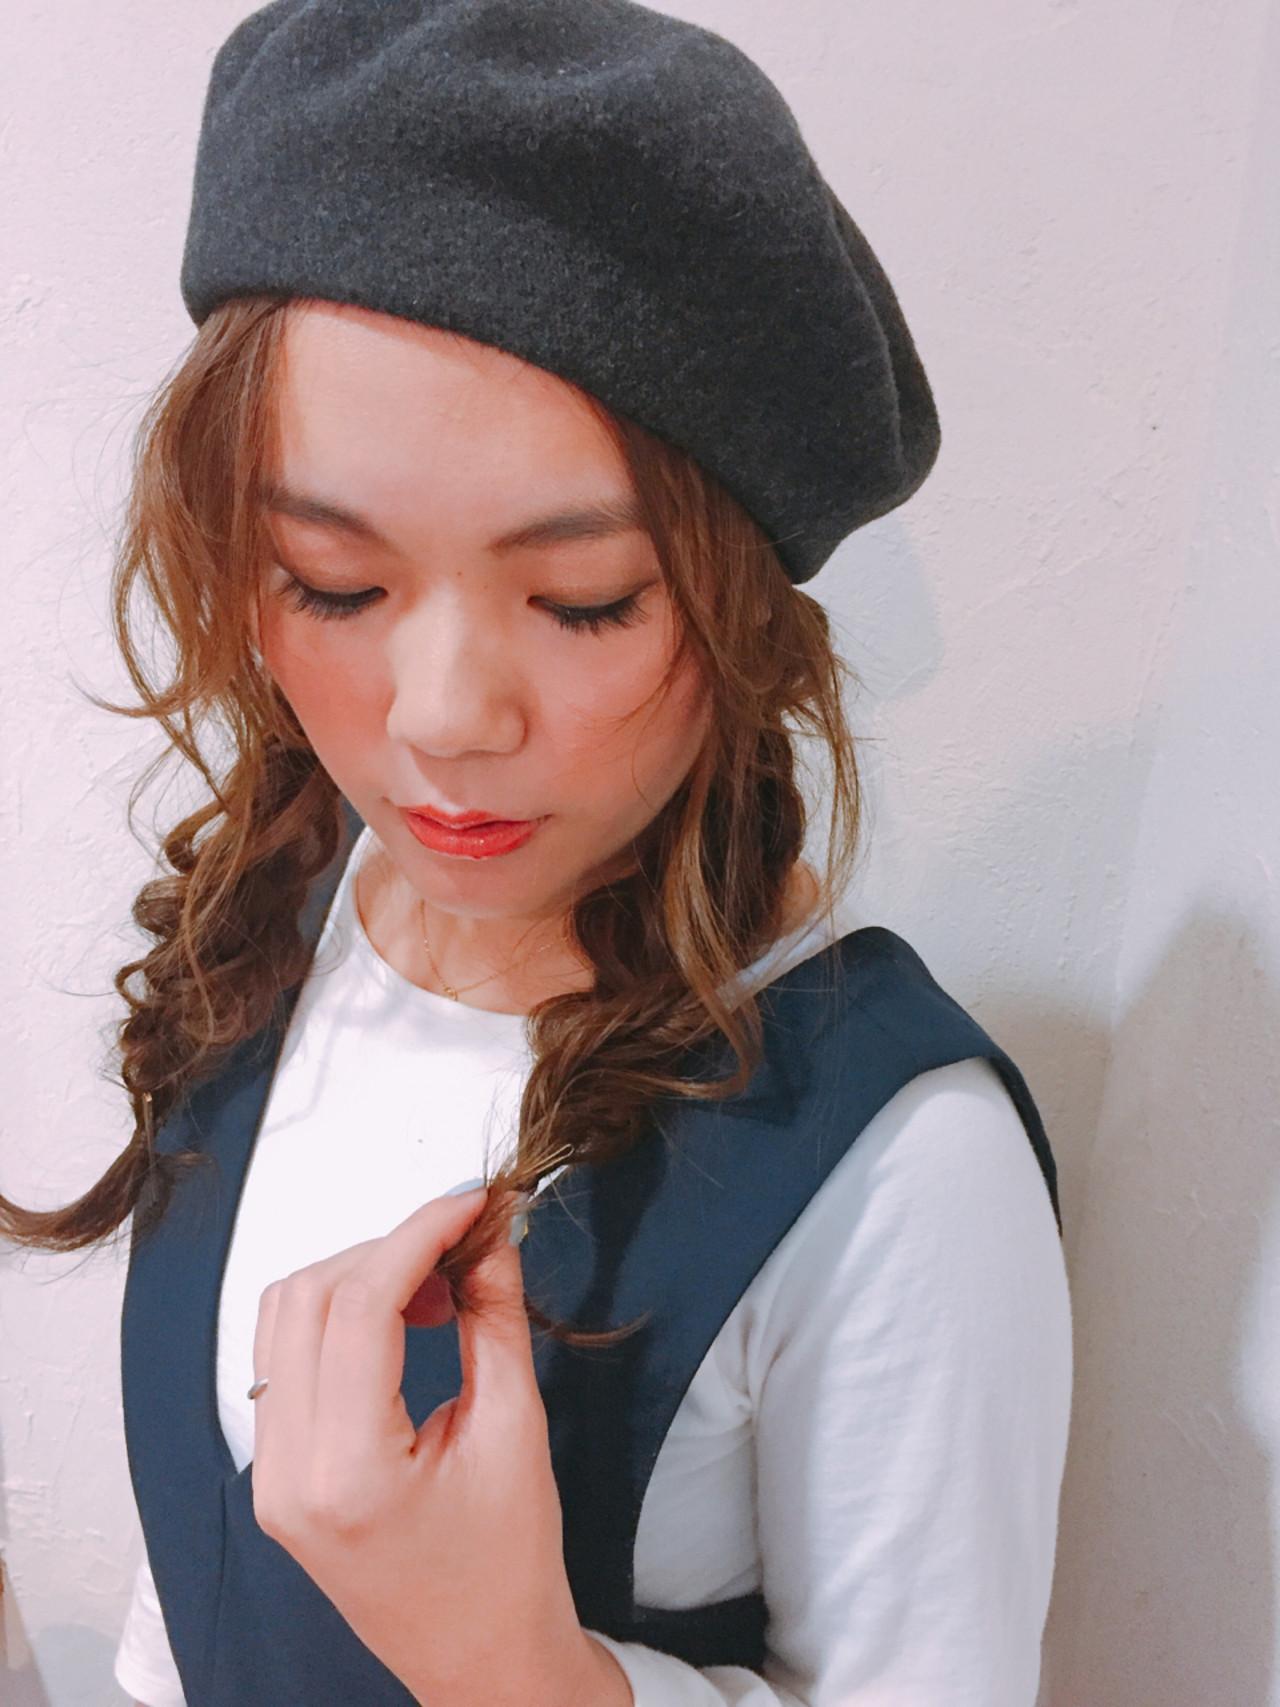 ベレー帽 編み込み ロング ナチュラル ヘアスタイルや髪型の写真・画像